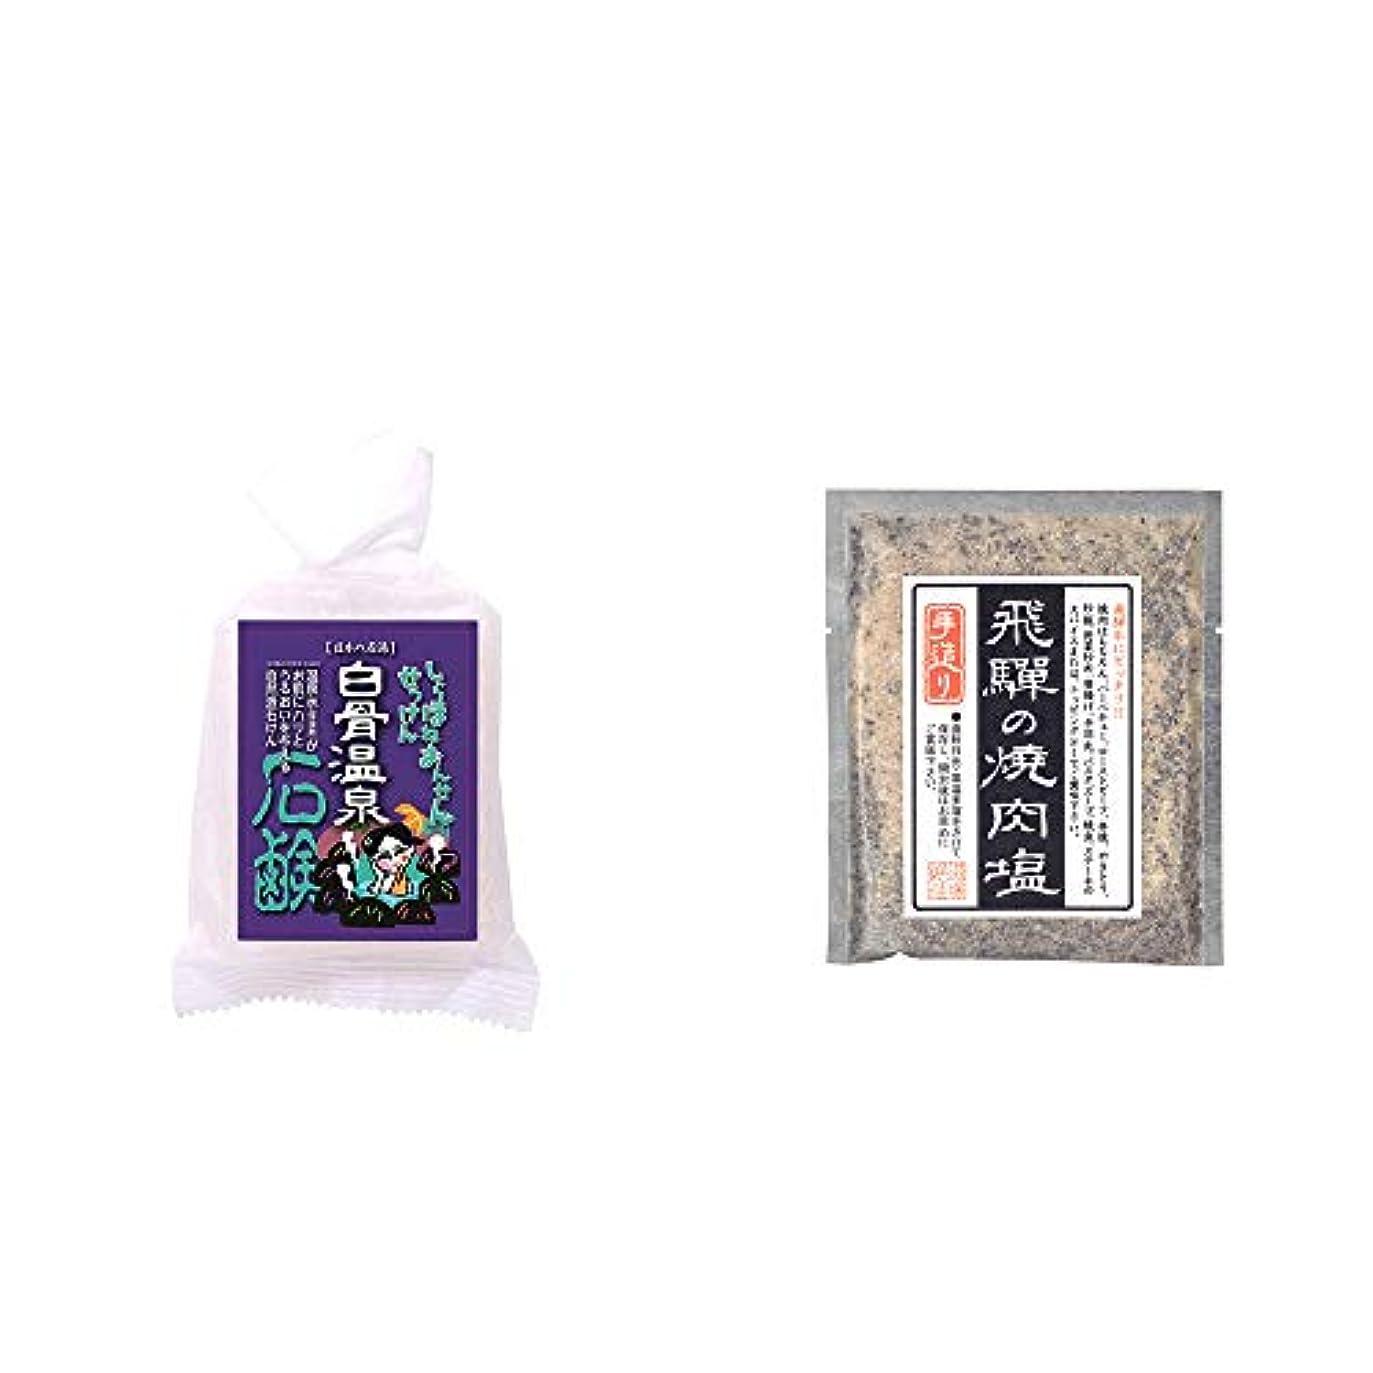 ナサニエル区おもちゃソフトウェア[2点セット] 信州 白骨温泉石鹸(80g)?手造り 飛騨の焼肉塩(80g)